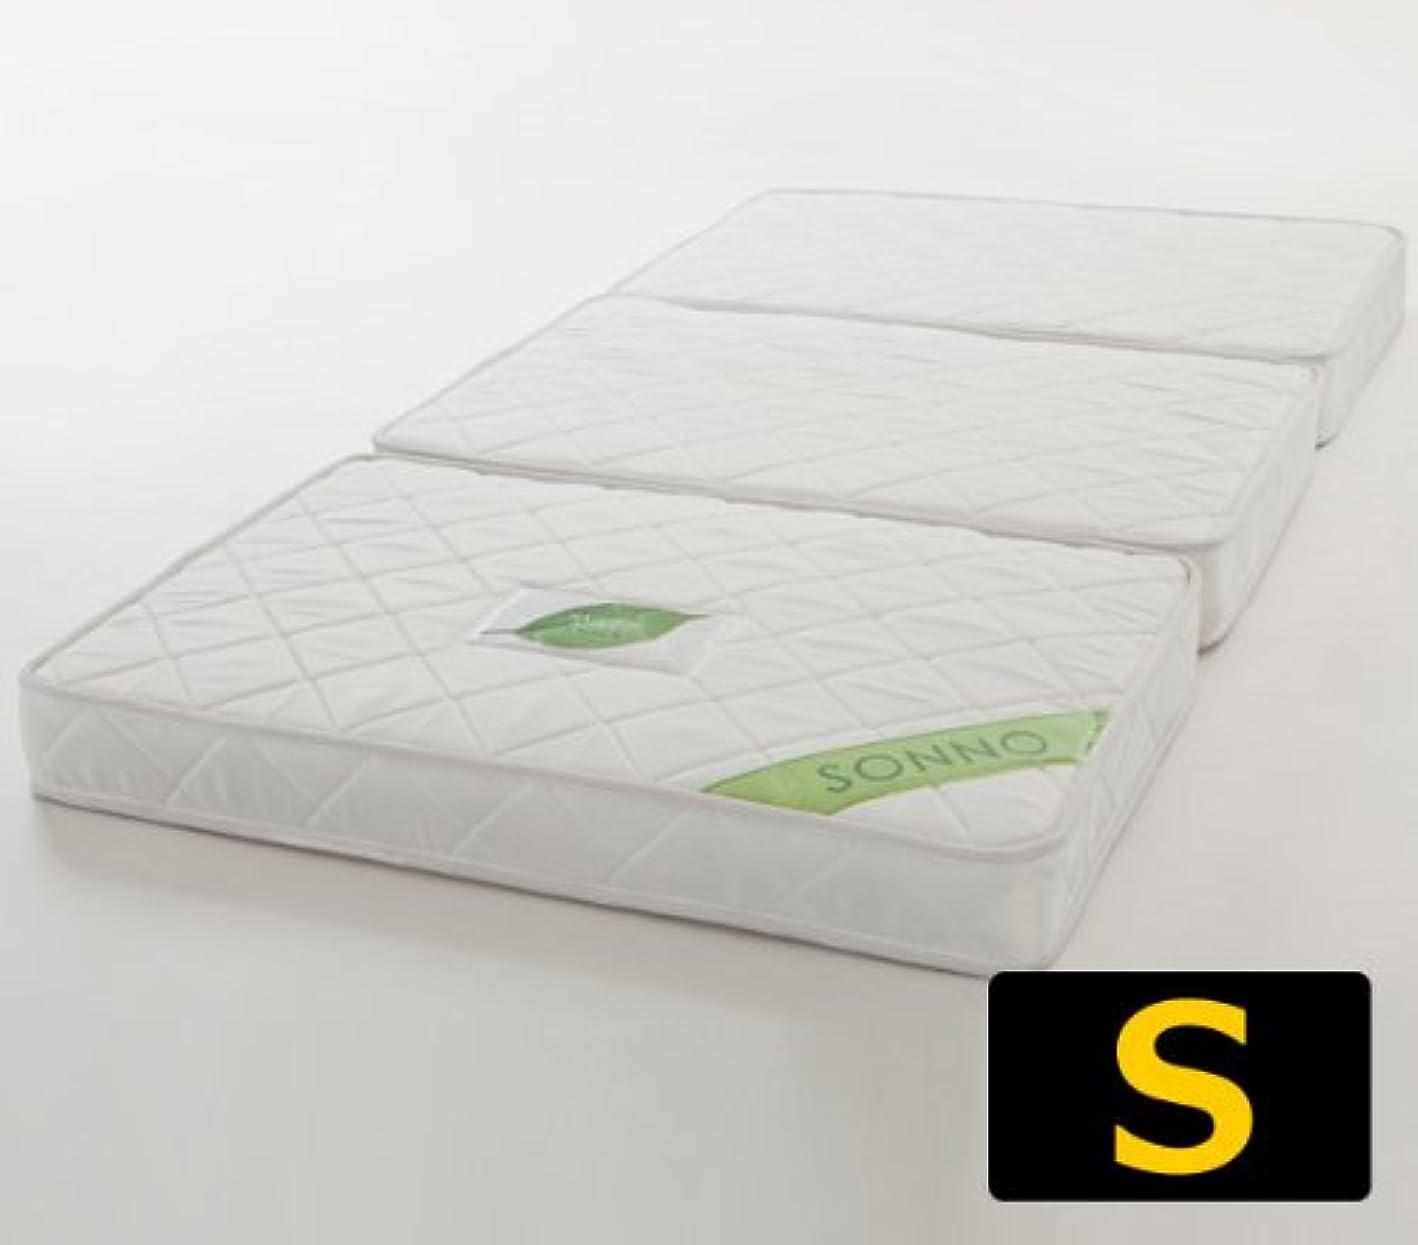 恩恵汚染聴衆SONNO(ソンノ) 薄型3つ折りポケットコイルスプリングマットレス(シングル) SONNO-P3-004-S